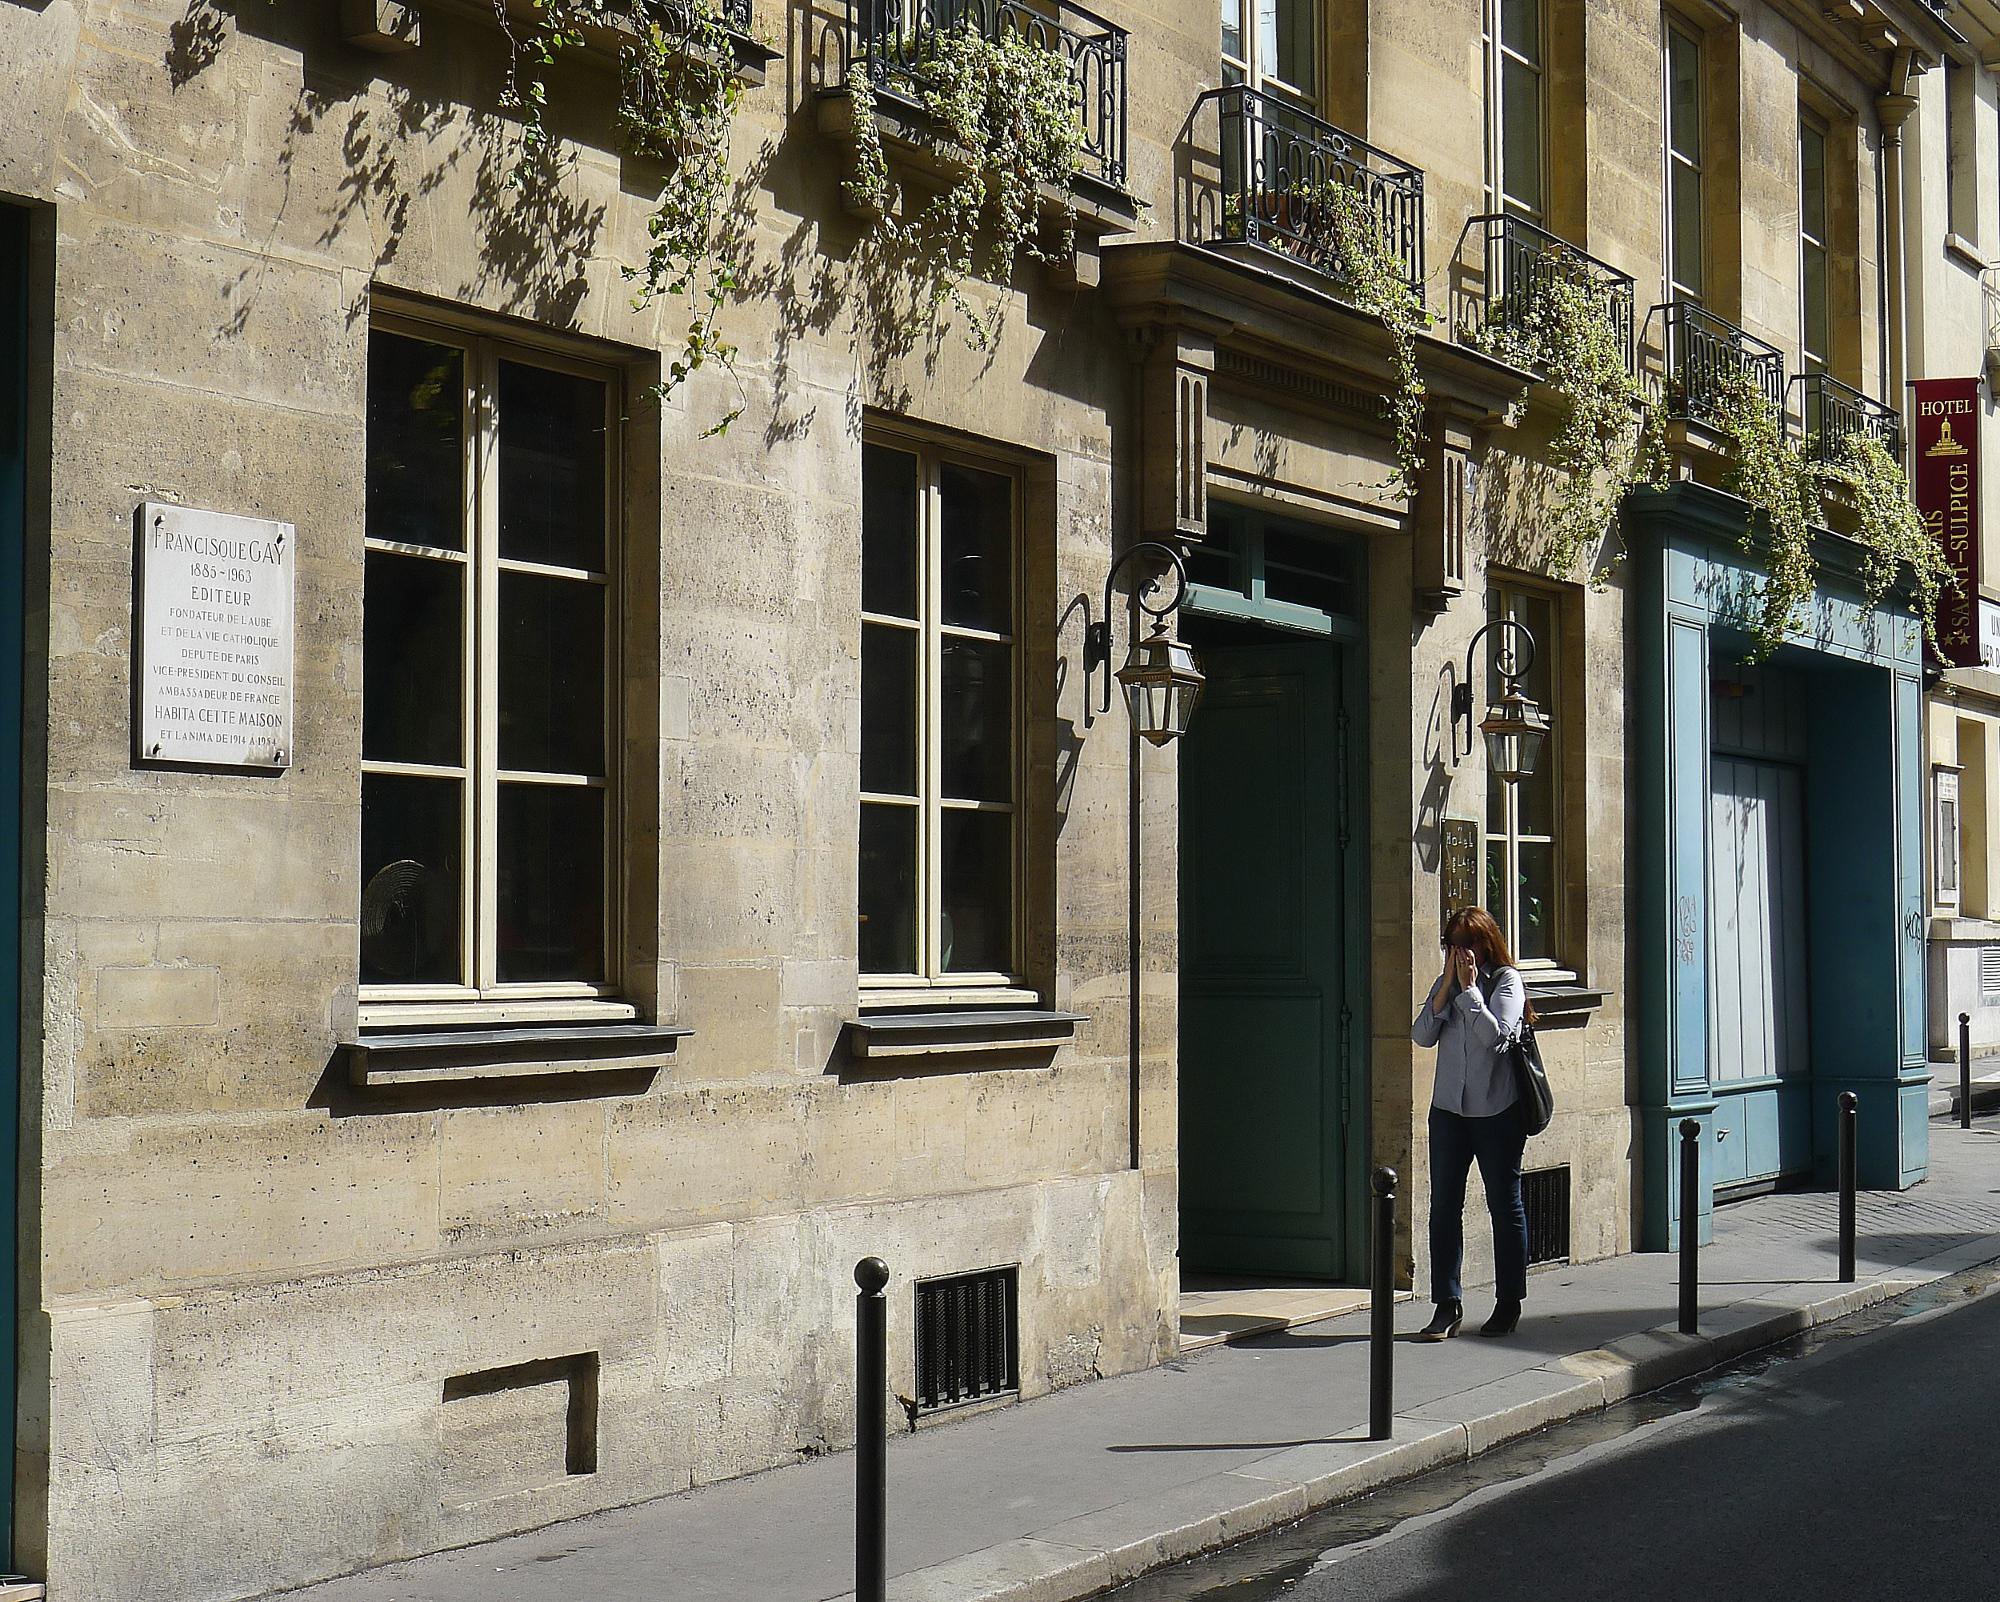 Fichier:P1130360 Paris VI rue Garancière n°3 rwk.JPG